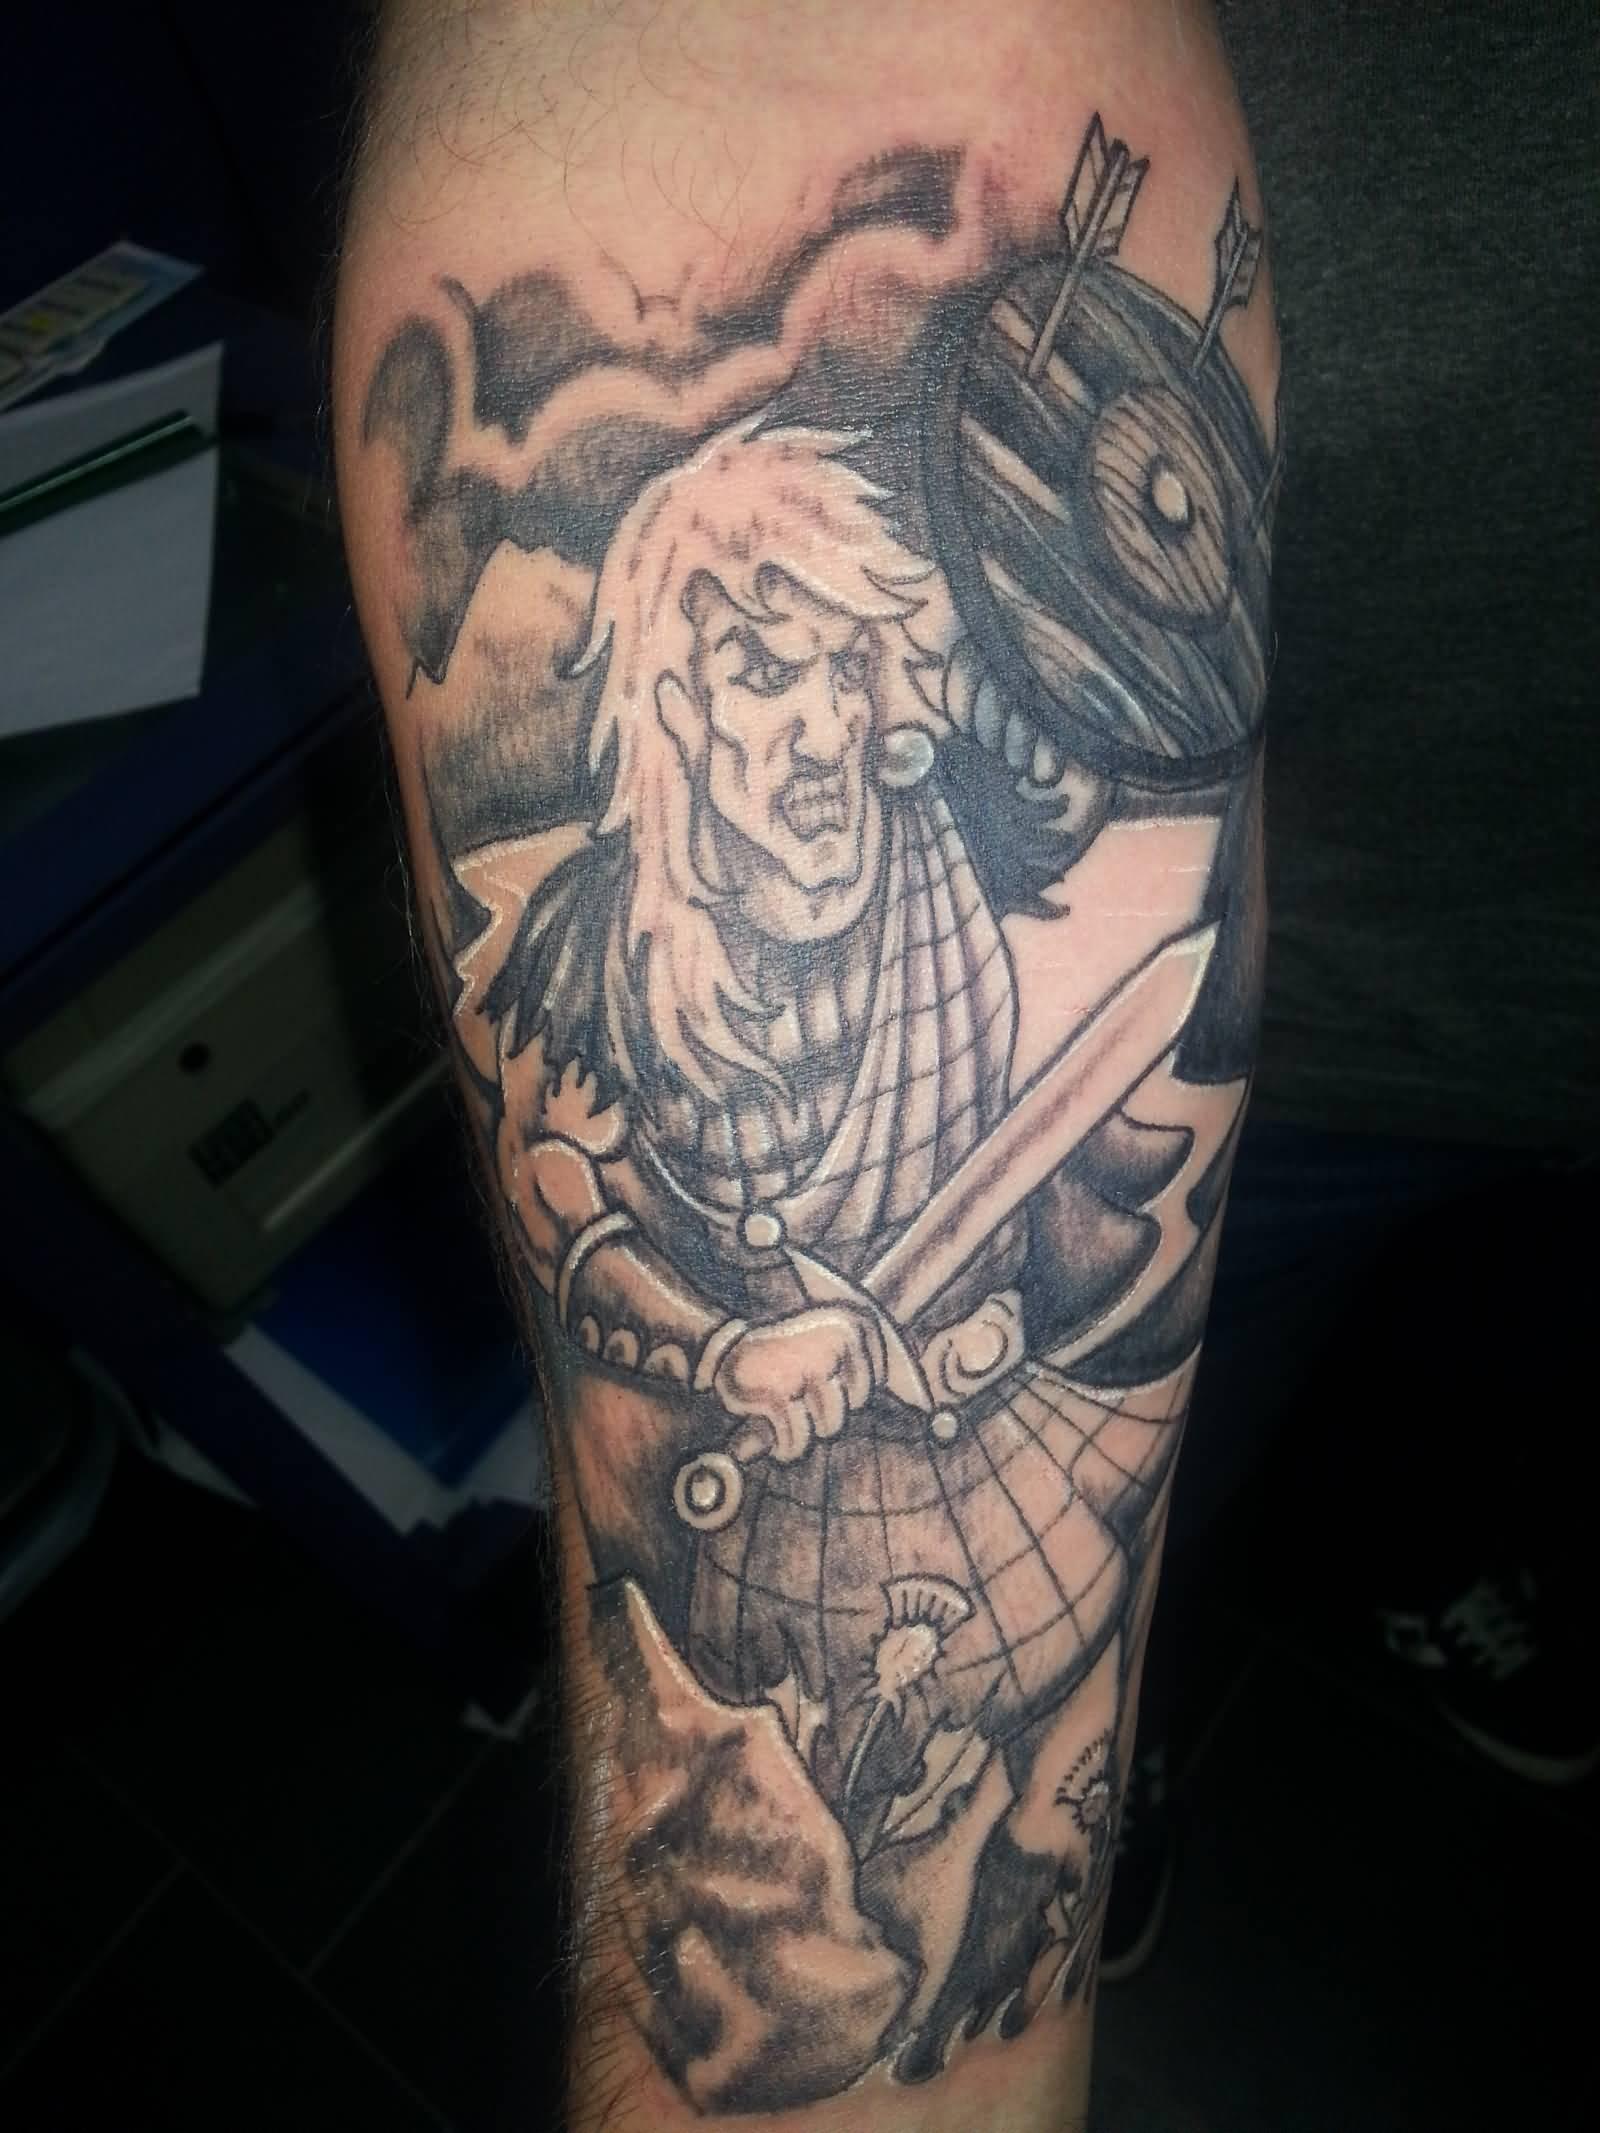 terrific scottish warrior tattoo on forearm